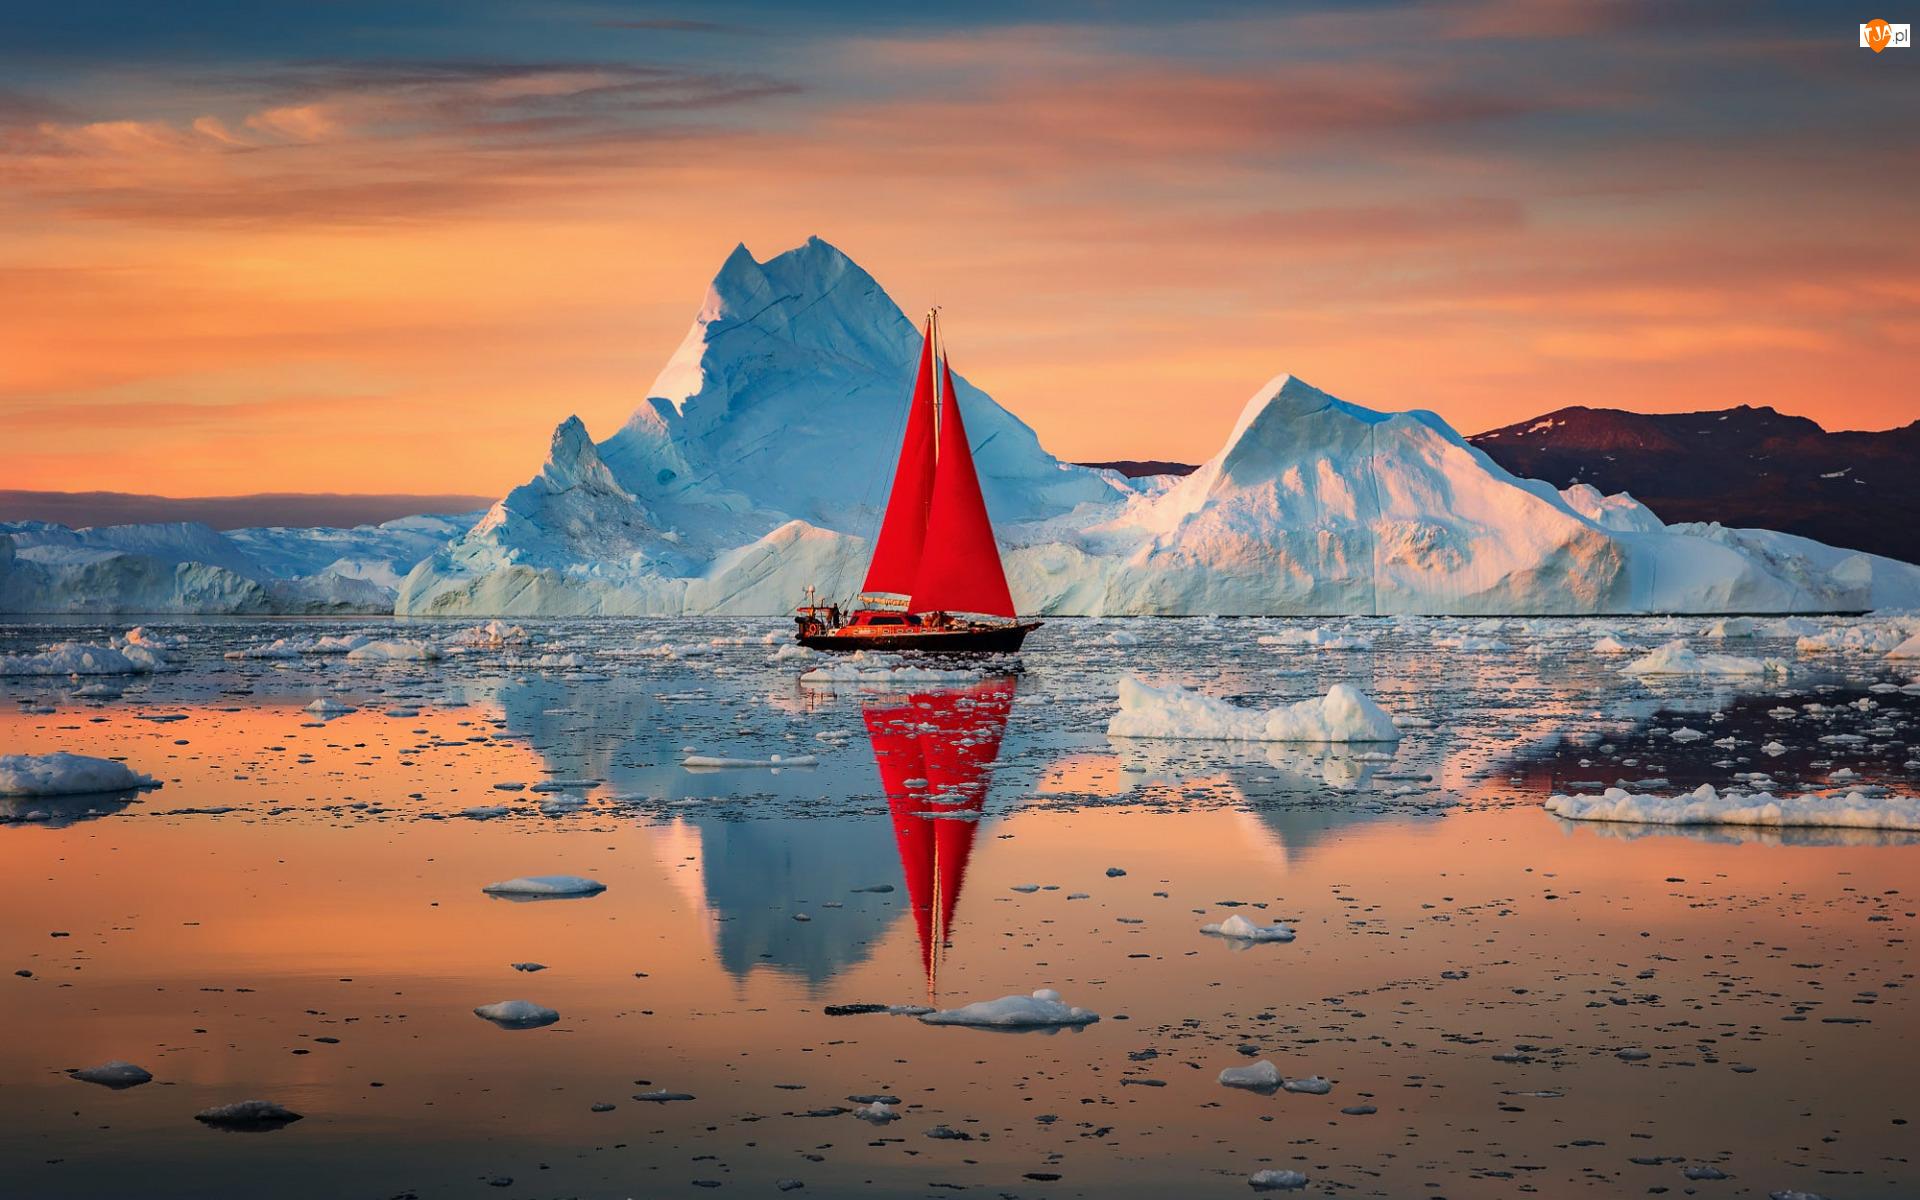 Morze, Odbicie, Żagle, Góry lodowe, Czerwone, Żaglówka, Wschód słońca